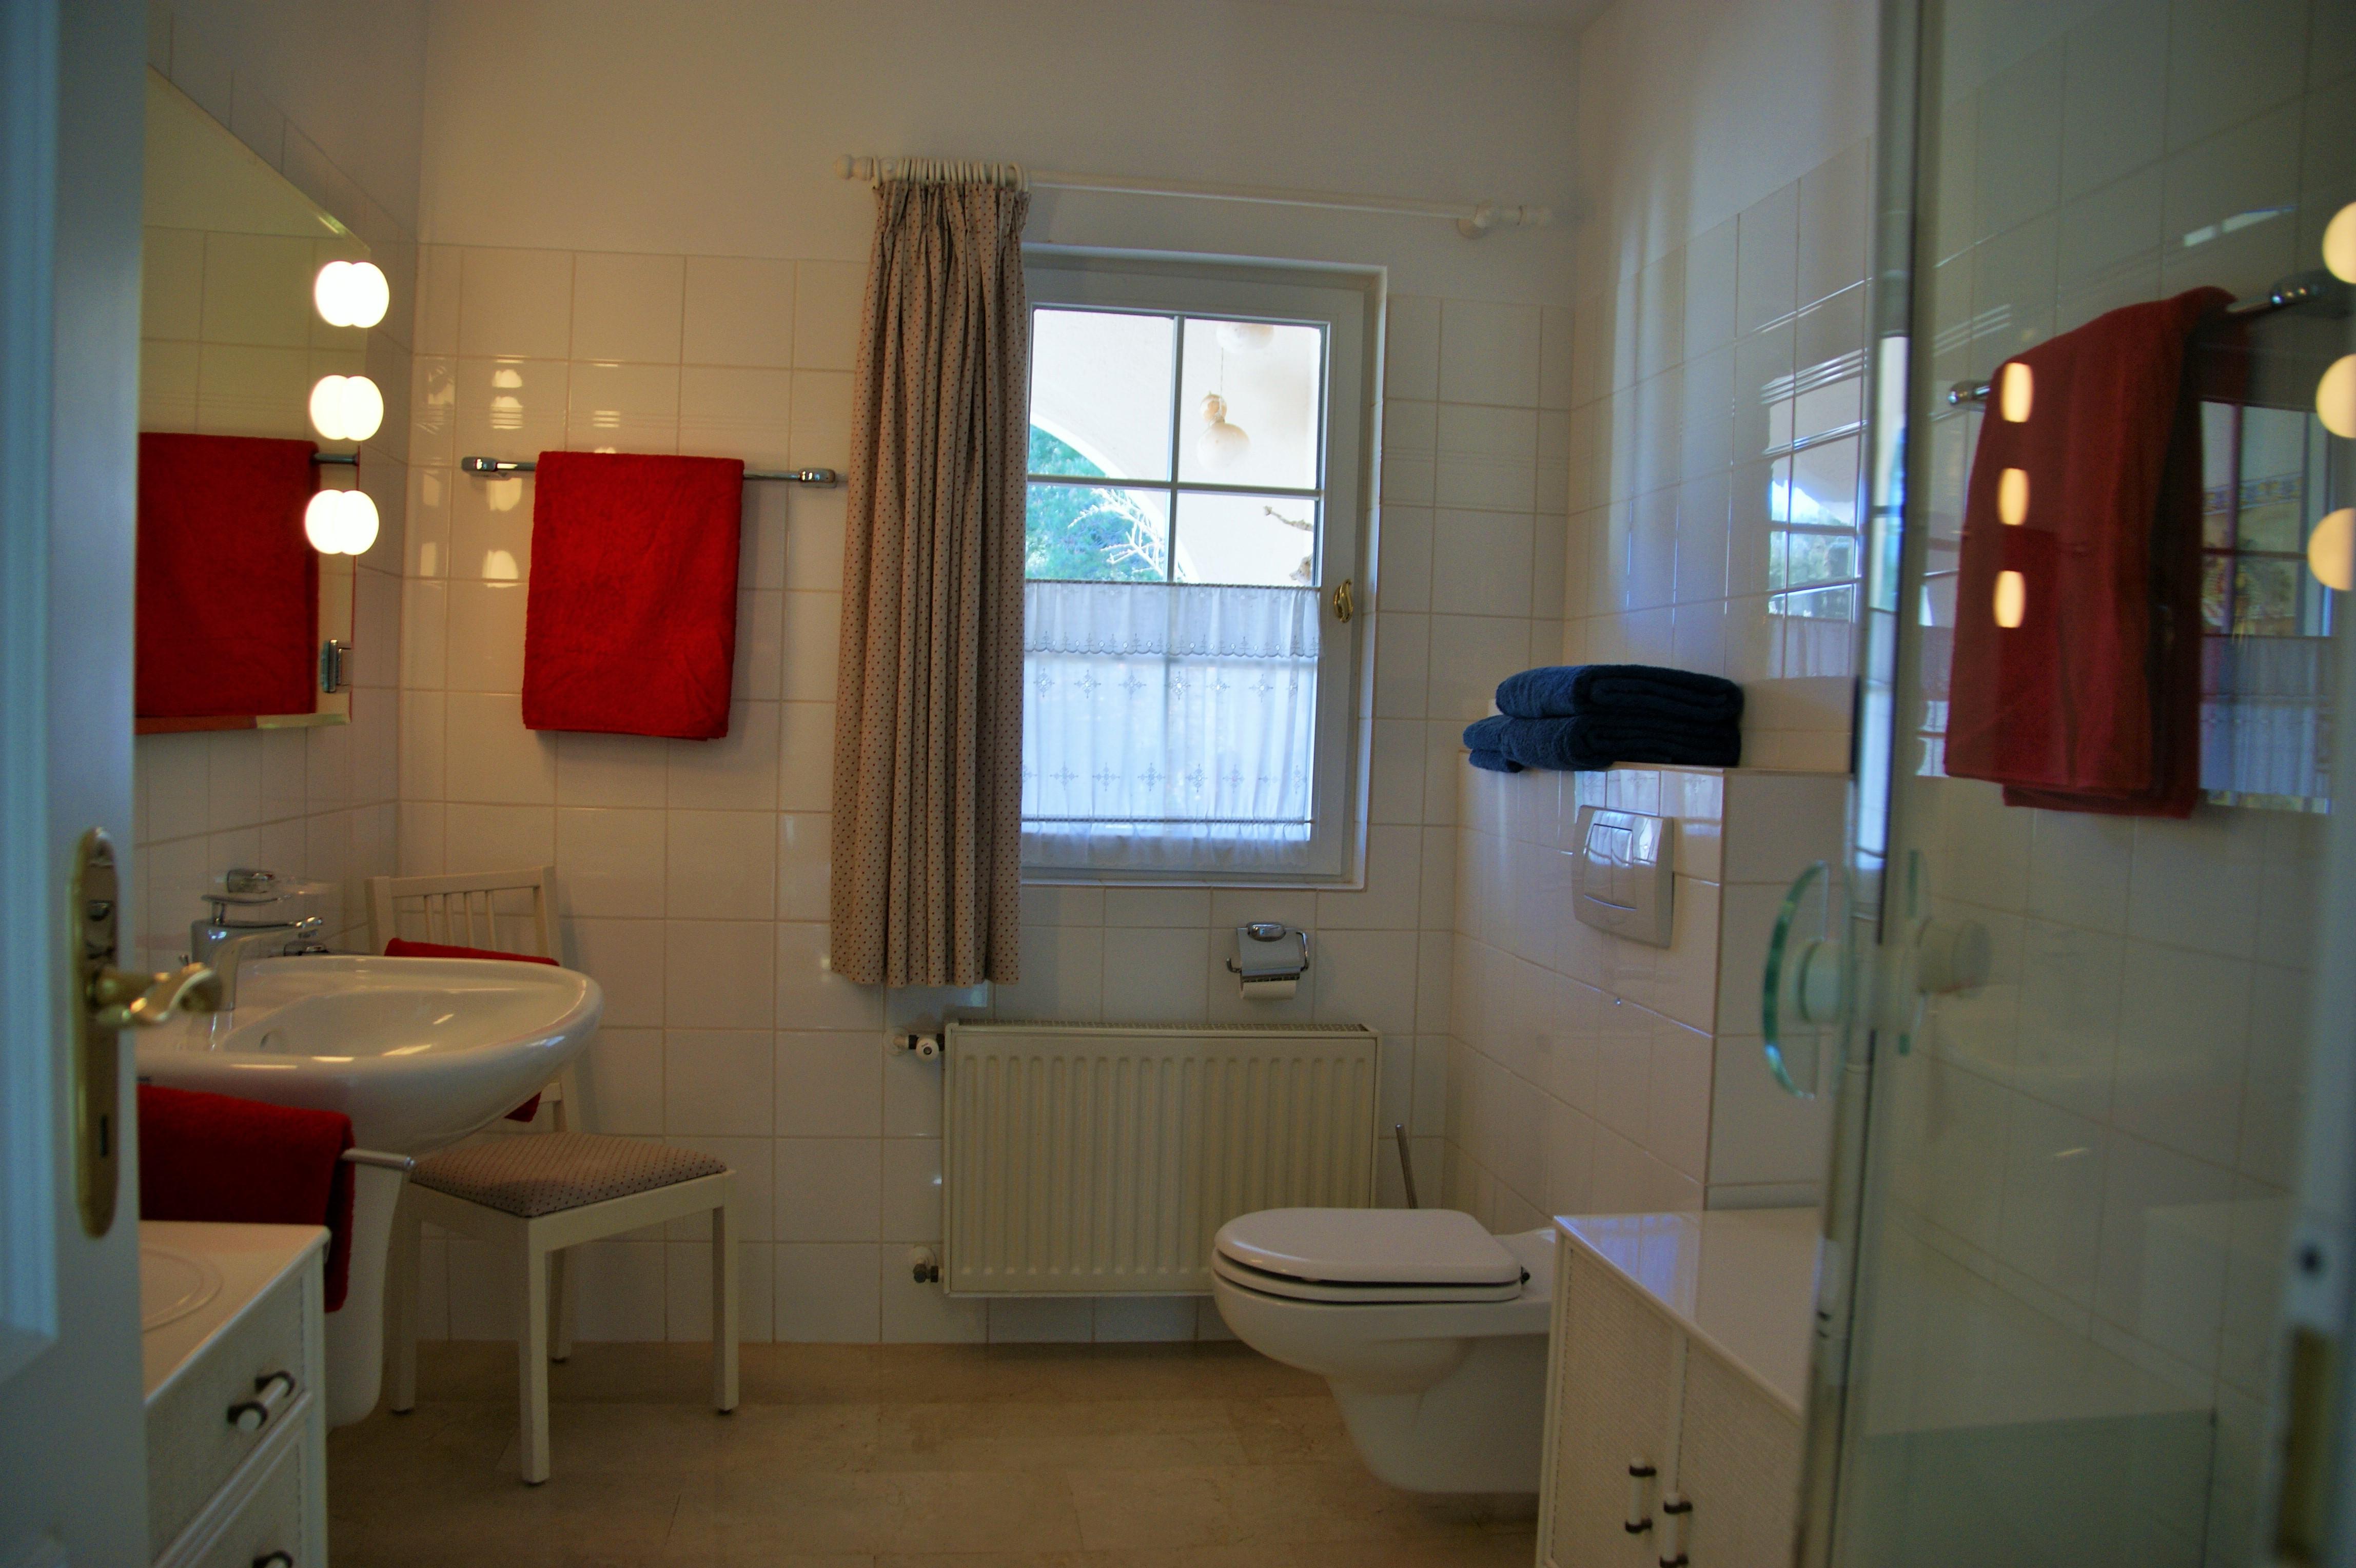 Bad 1 / Bathroom 1